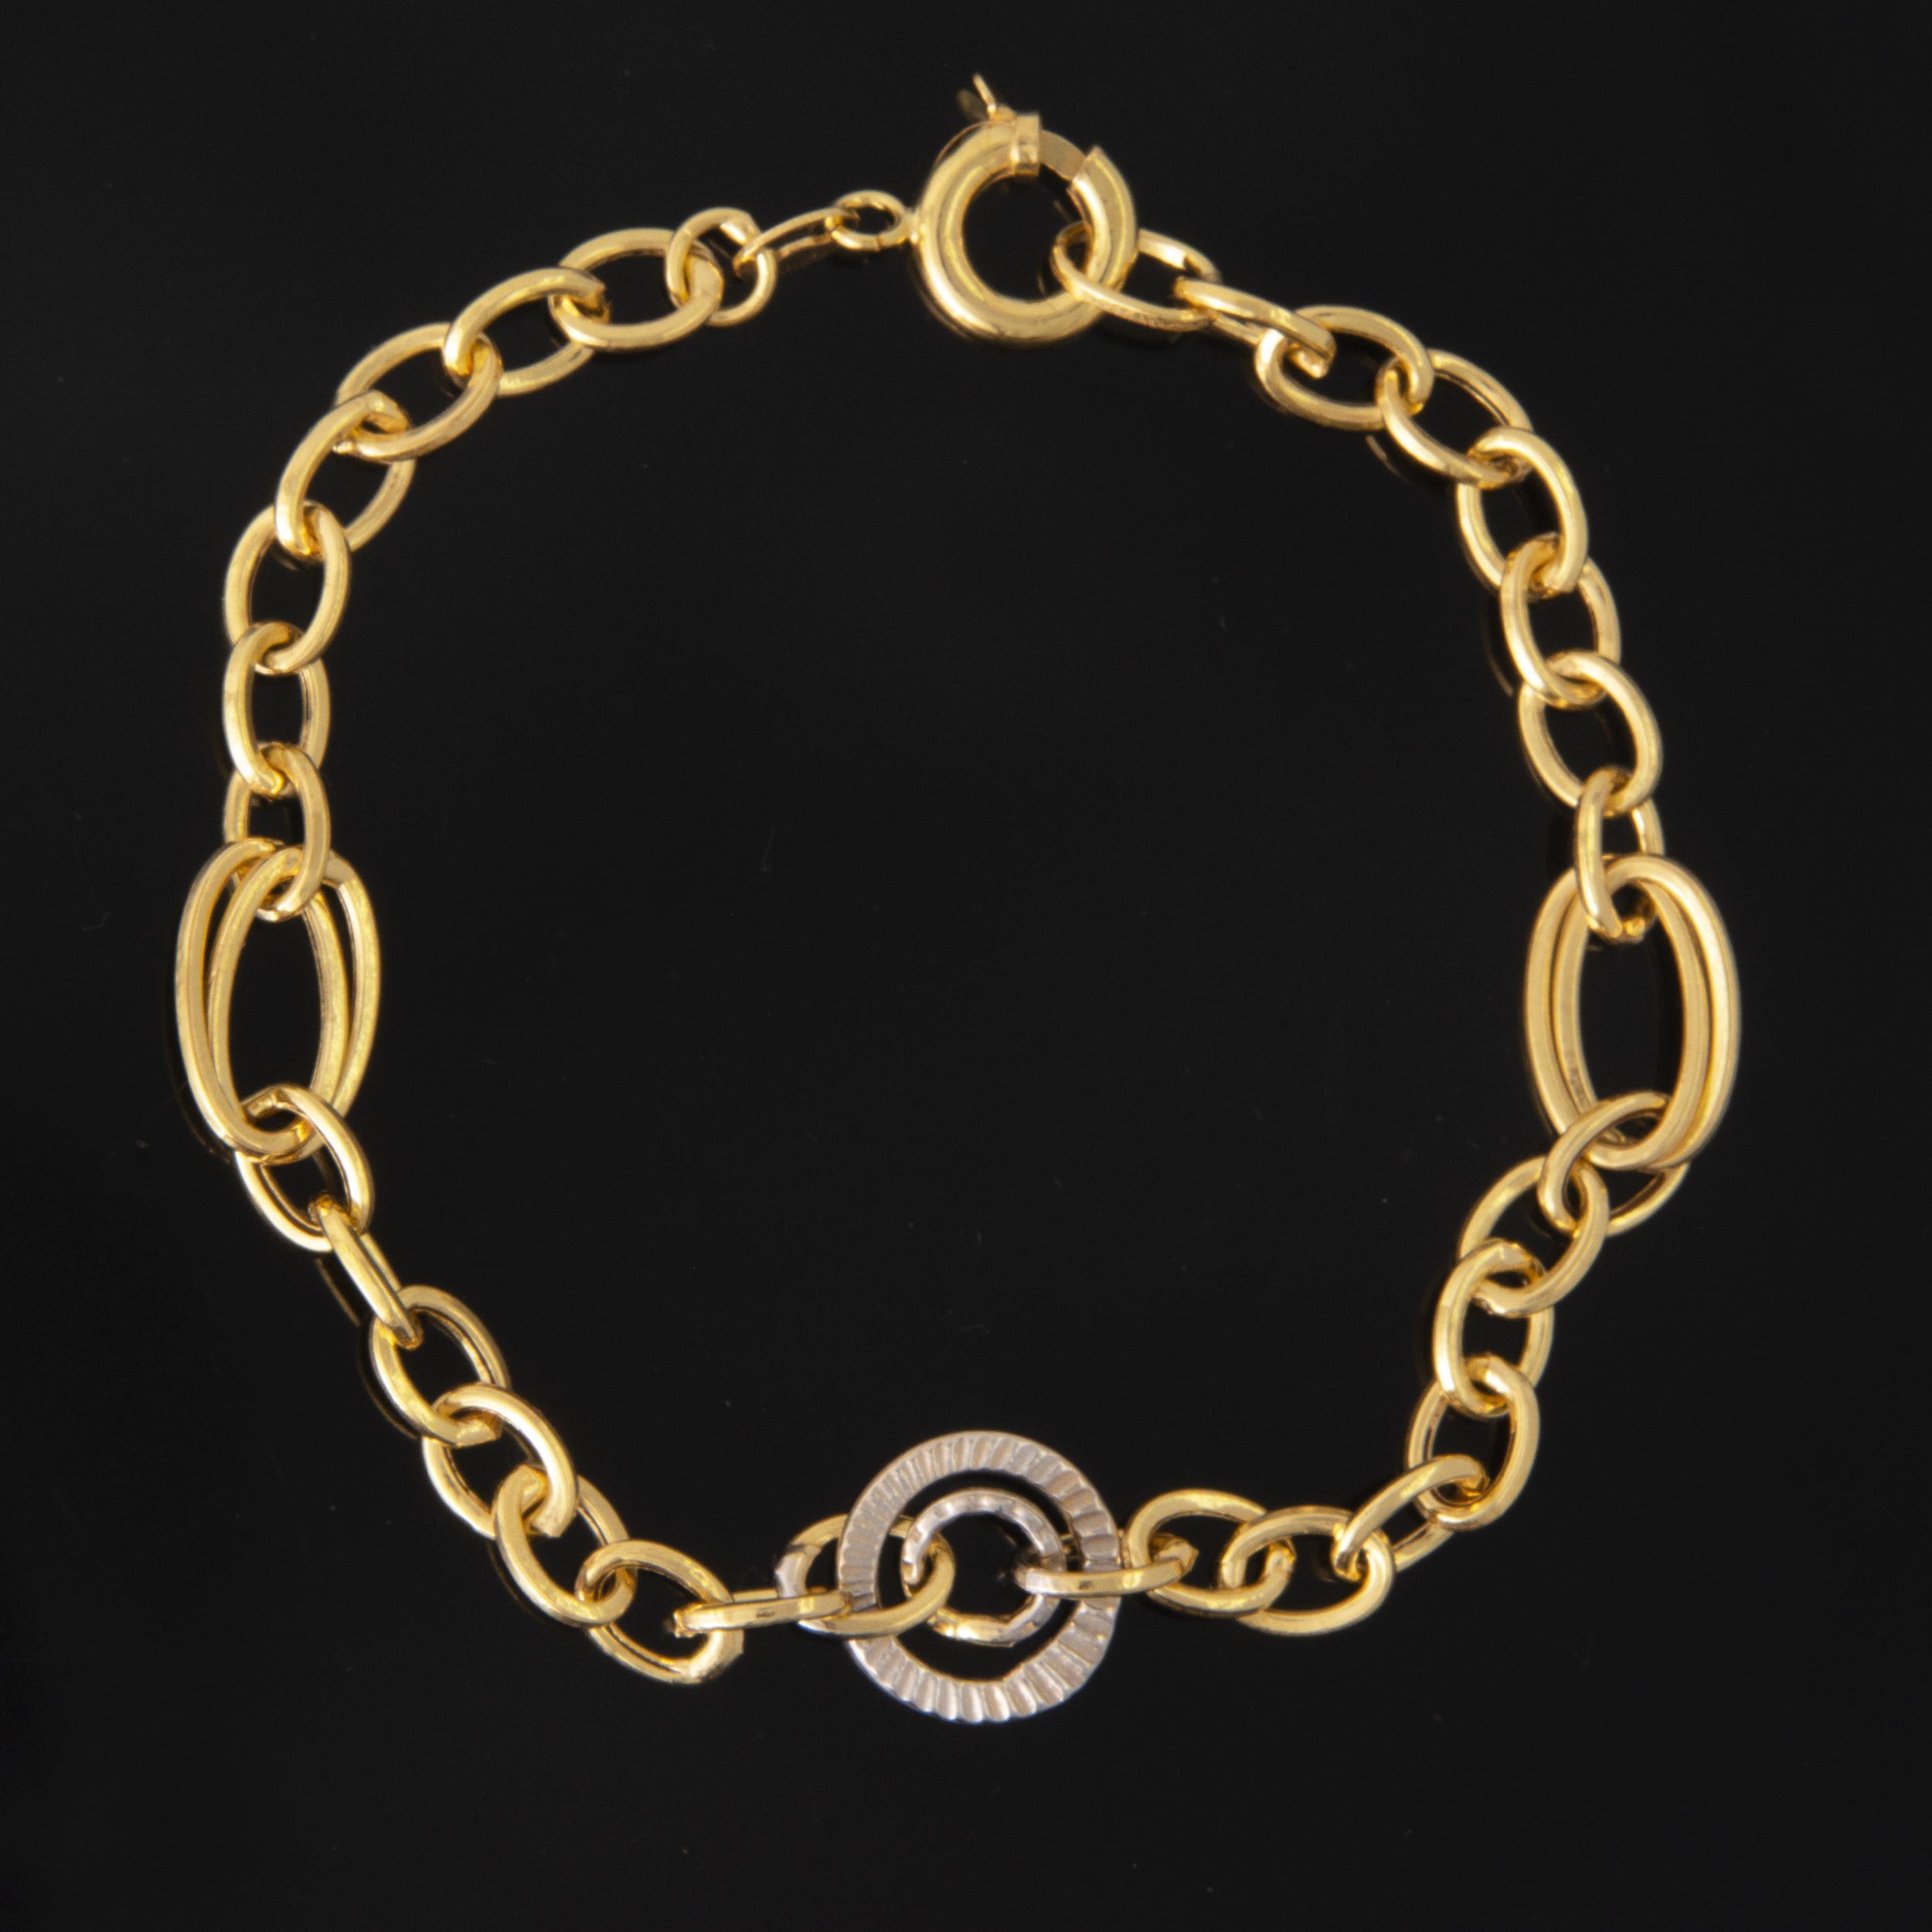 دستبند طلا 18 عیار زنانه کد 67129